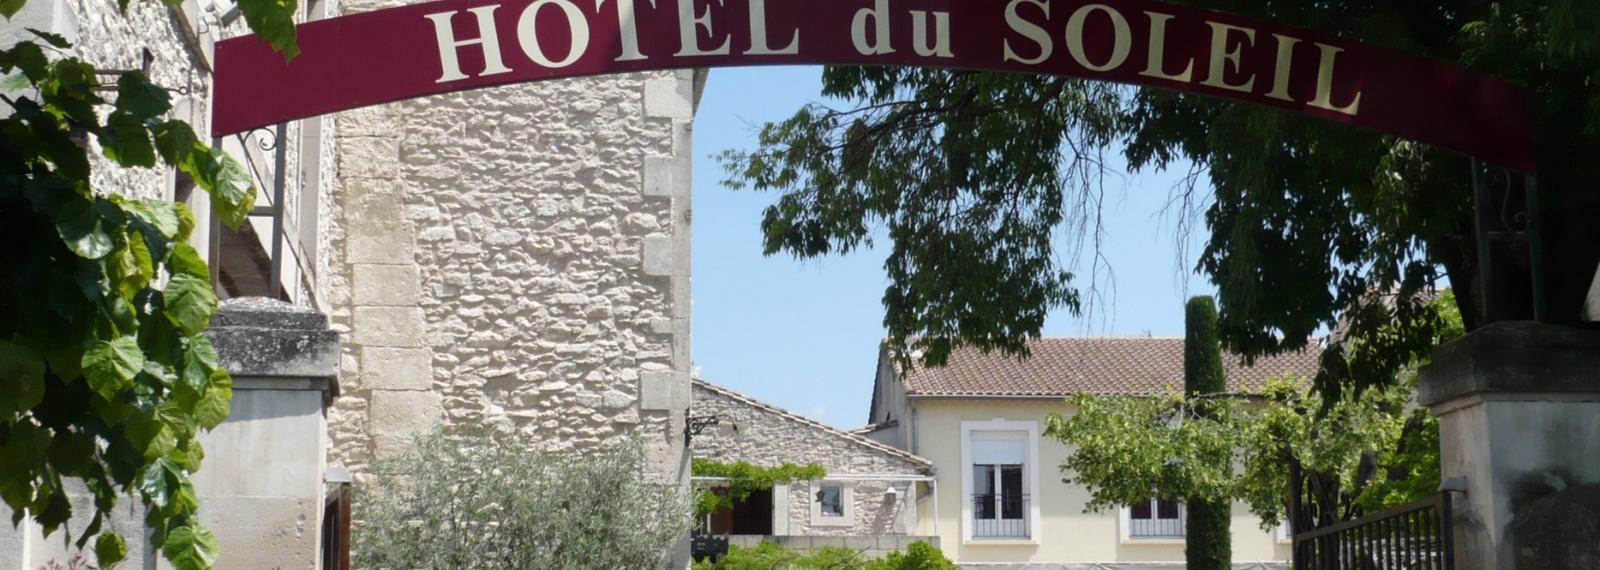 Hôtel du Soleil et Spa à Saint-Rémy-de-Provence